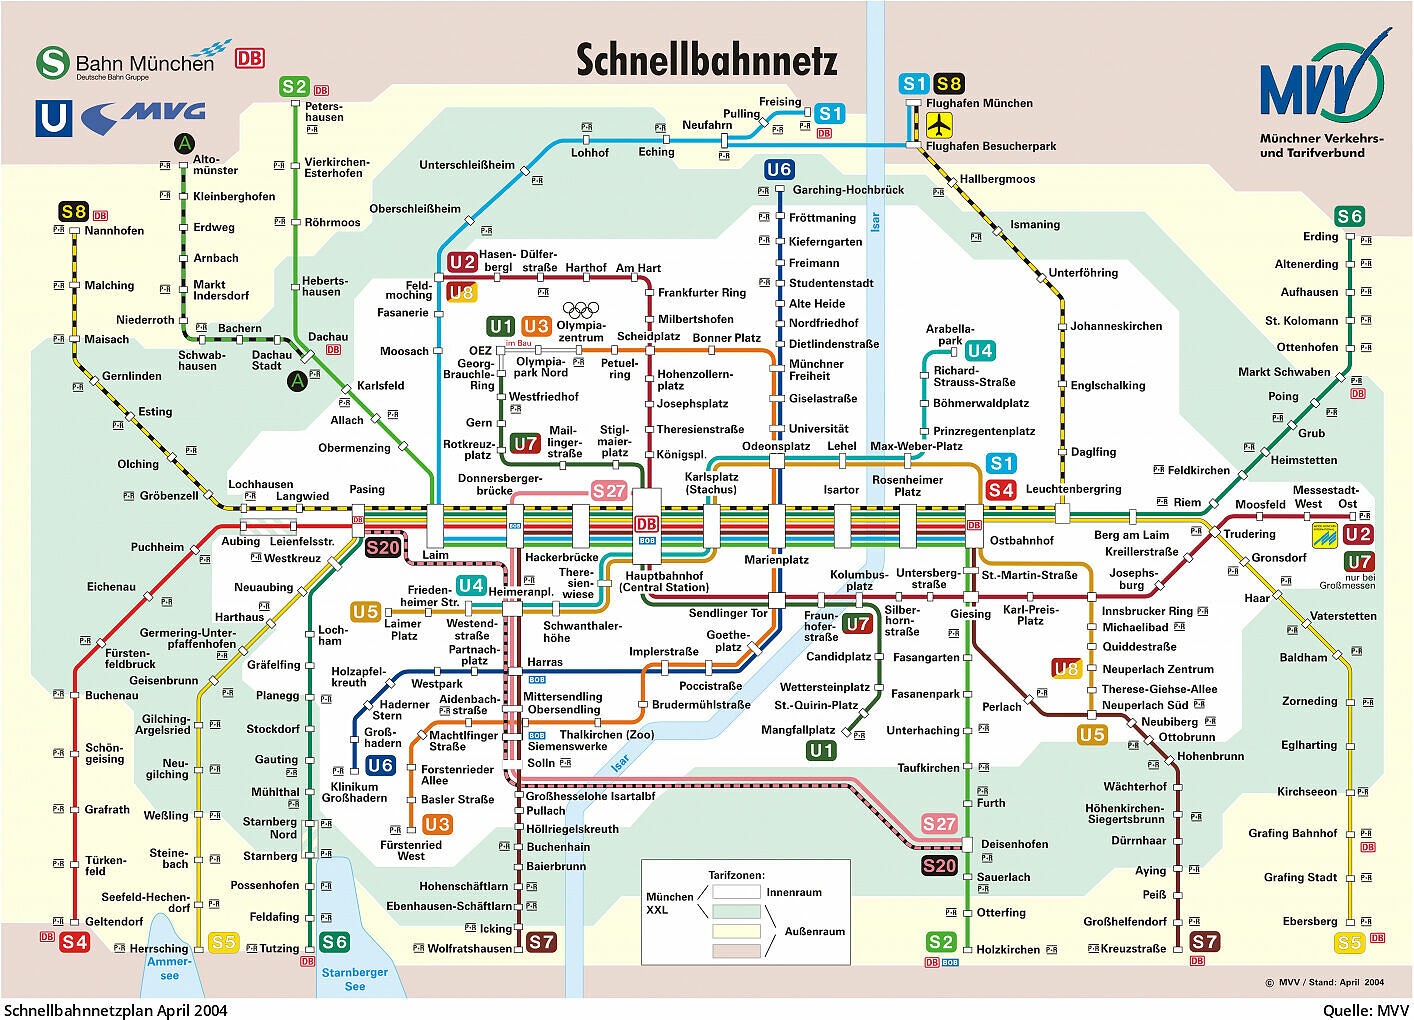 u bahn karte münchen U Bahn München   Schnellbahnnetz von 1972 bis heute u bahn karte münchen